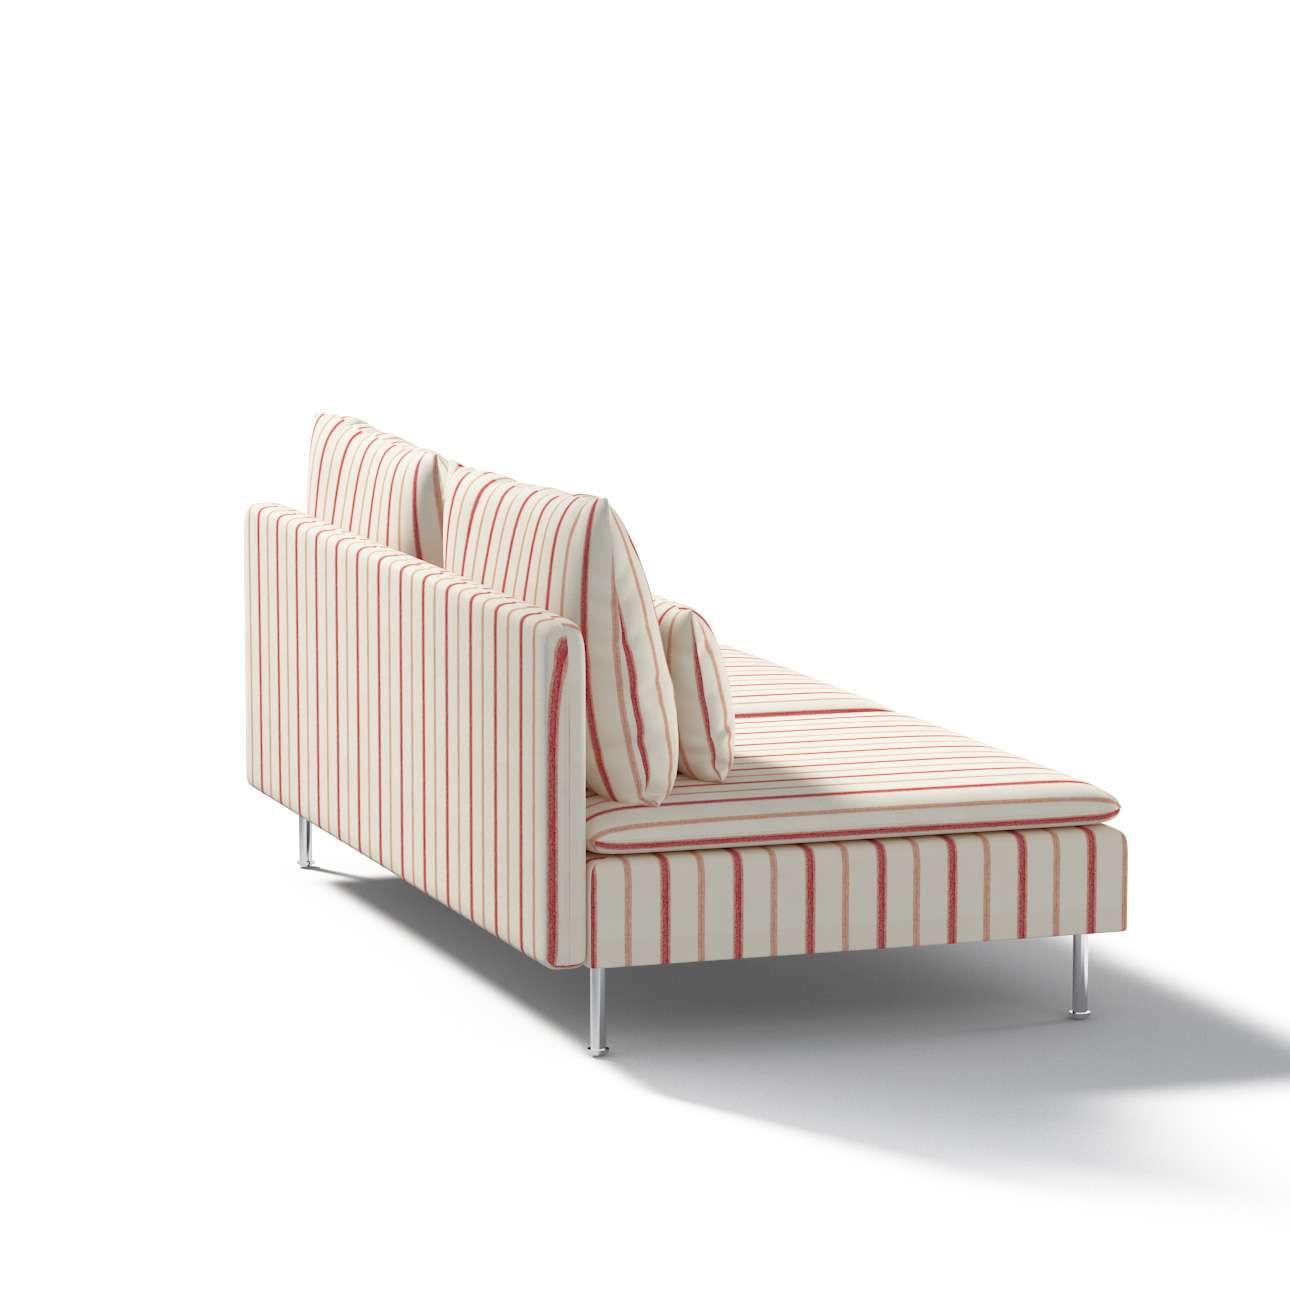 Söderhamn Bezug für Sitzelement 3 Sitzelement 3 von der Kollektion Avinon, Stoff: 129-15